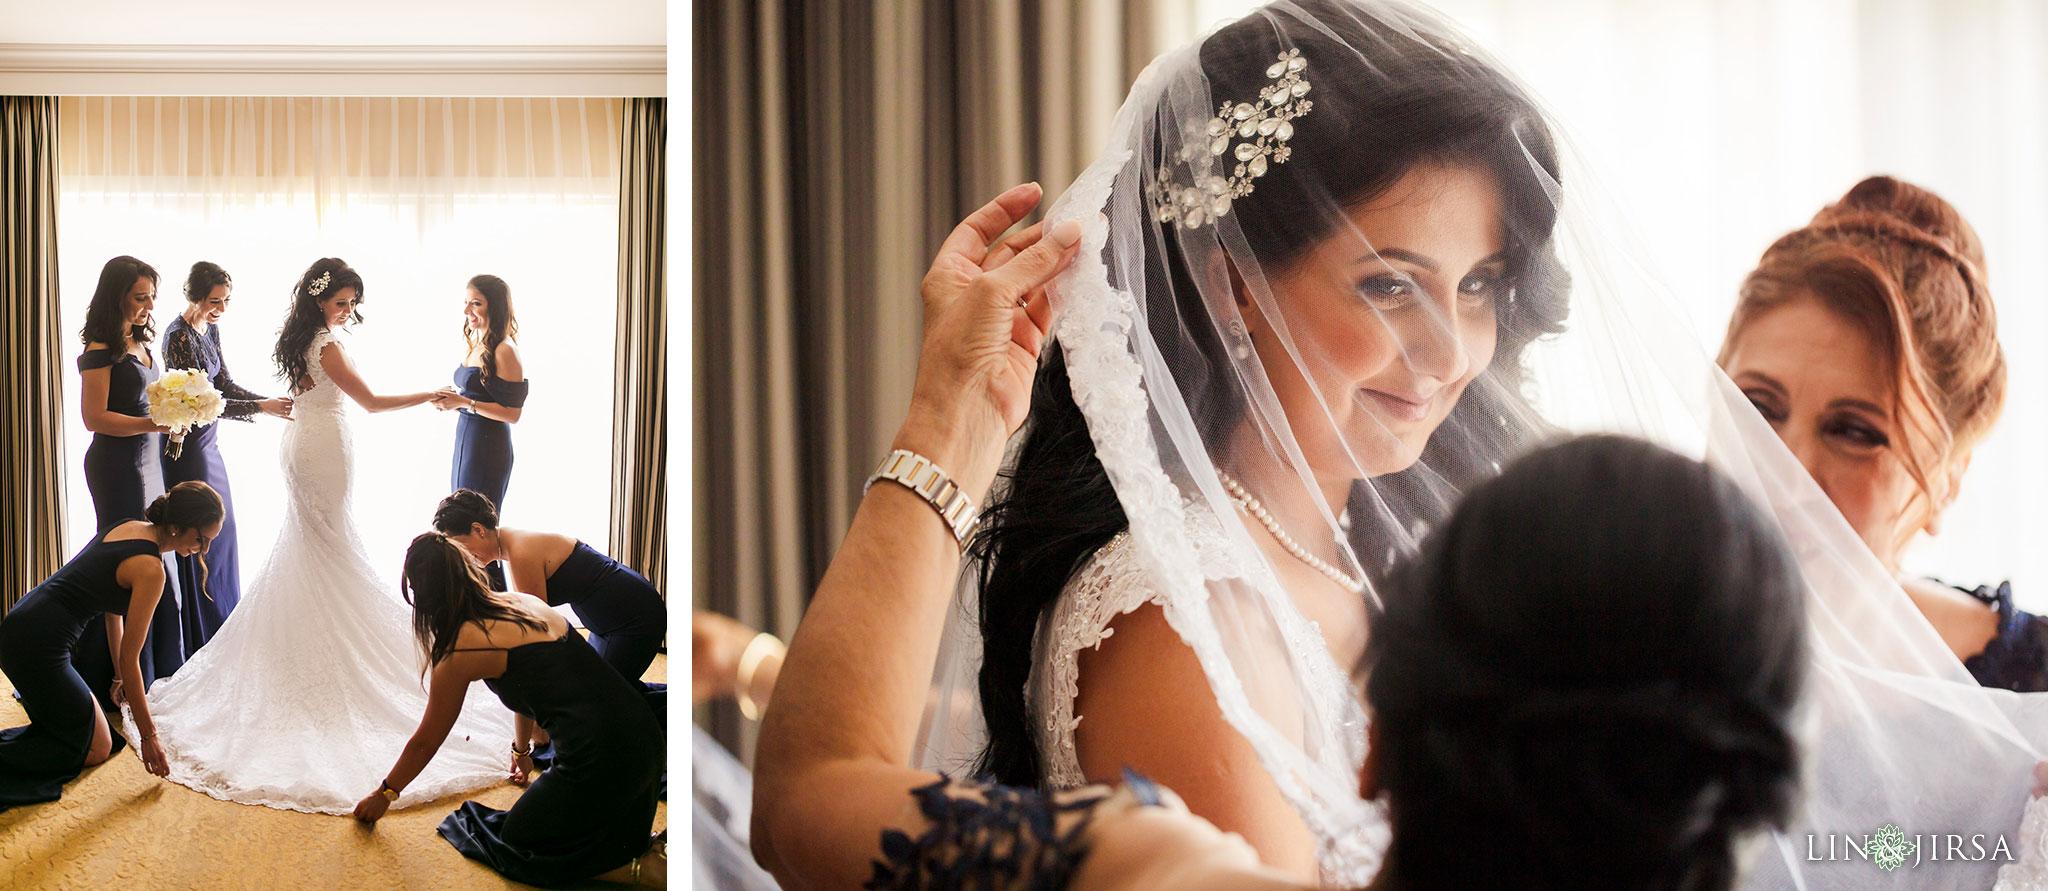 007 estancia la jolla hotel spa persian bride wedding photography